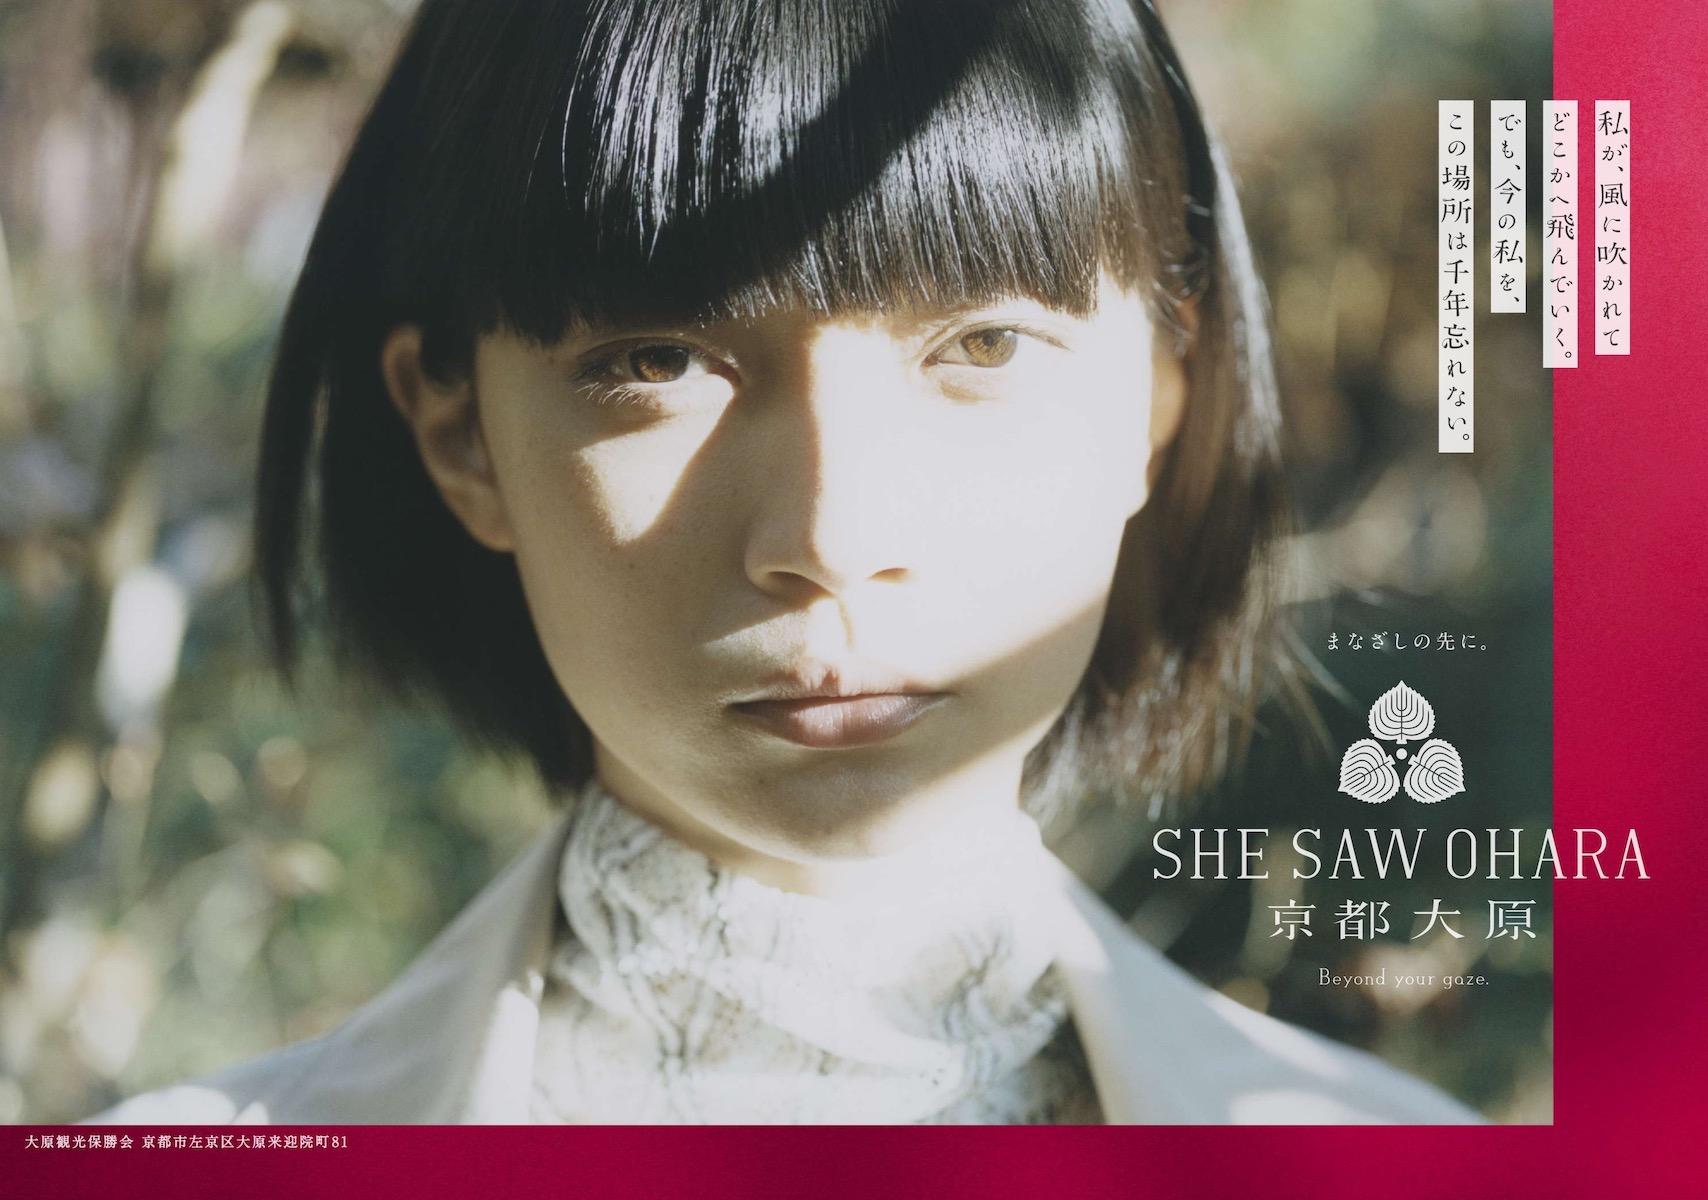 ホームページリニューアル、イメージモデルに田中真琴さん